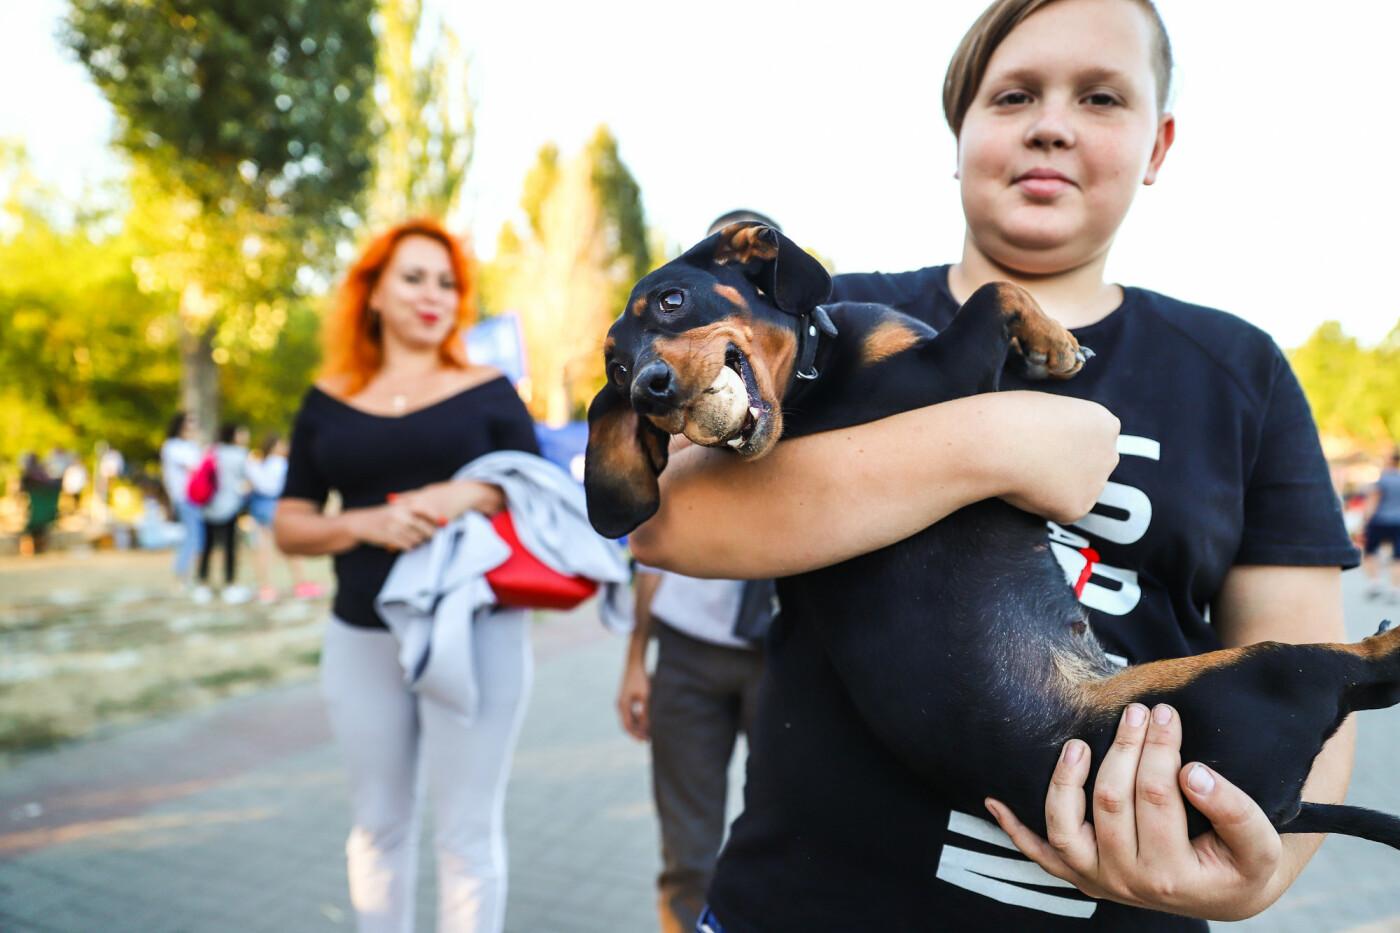 ЛГБТ-прайд, эко-митинг и восстановленные скульптуры в сквере Пионеров: сентябрь в фотографиях , фото-31